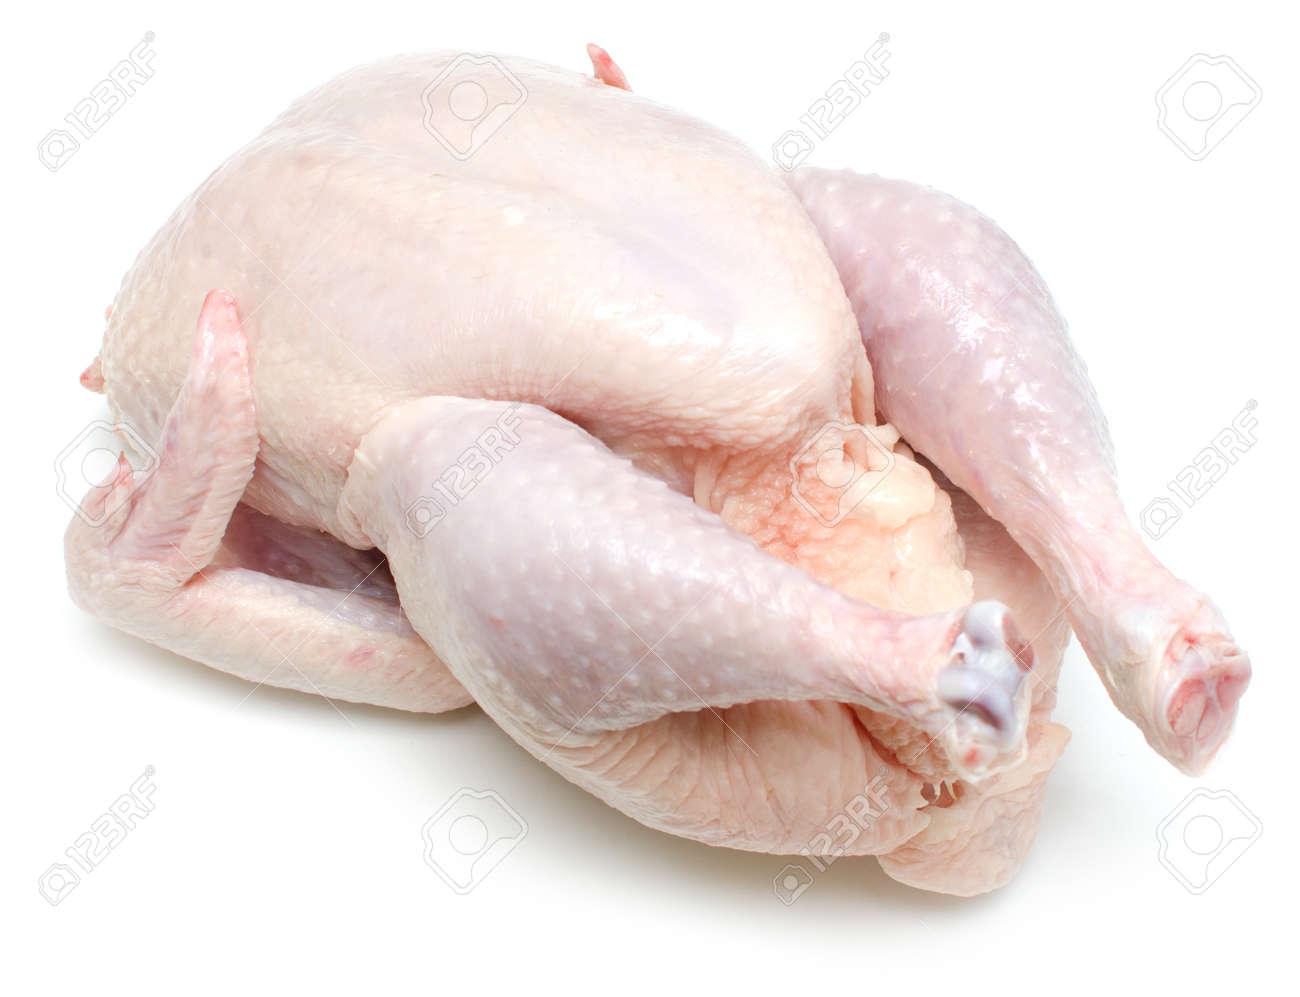 raw chicken isolated on wihte background Standard-Bild - 27500302